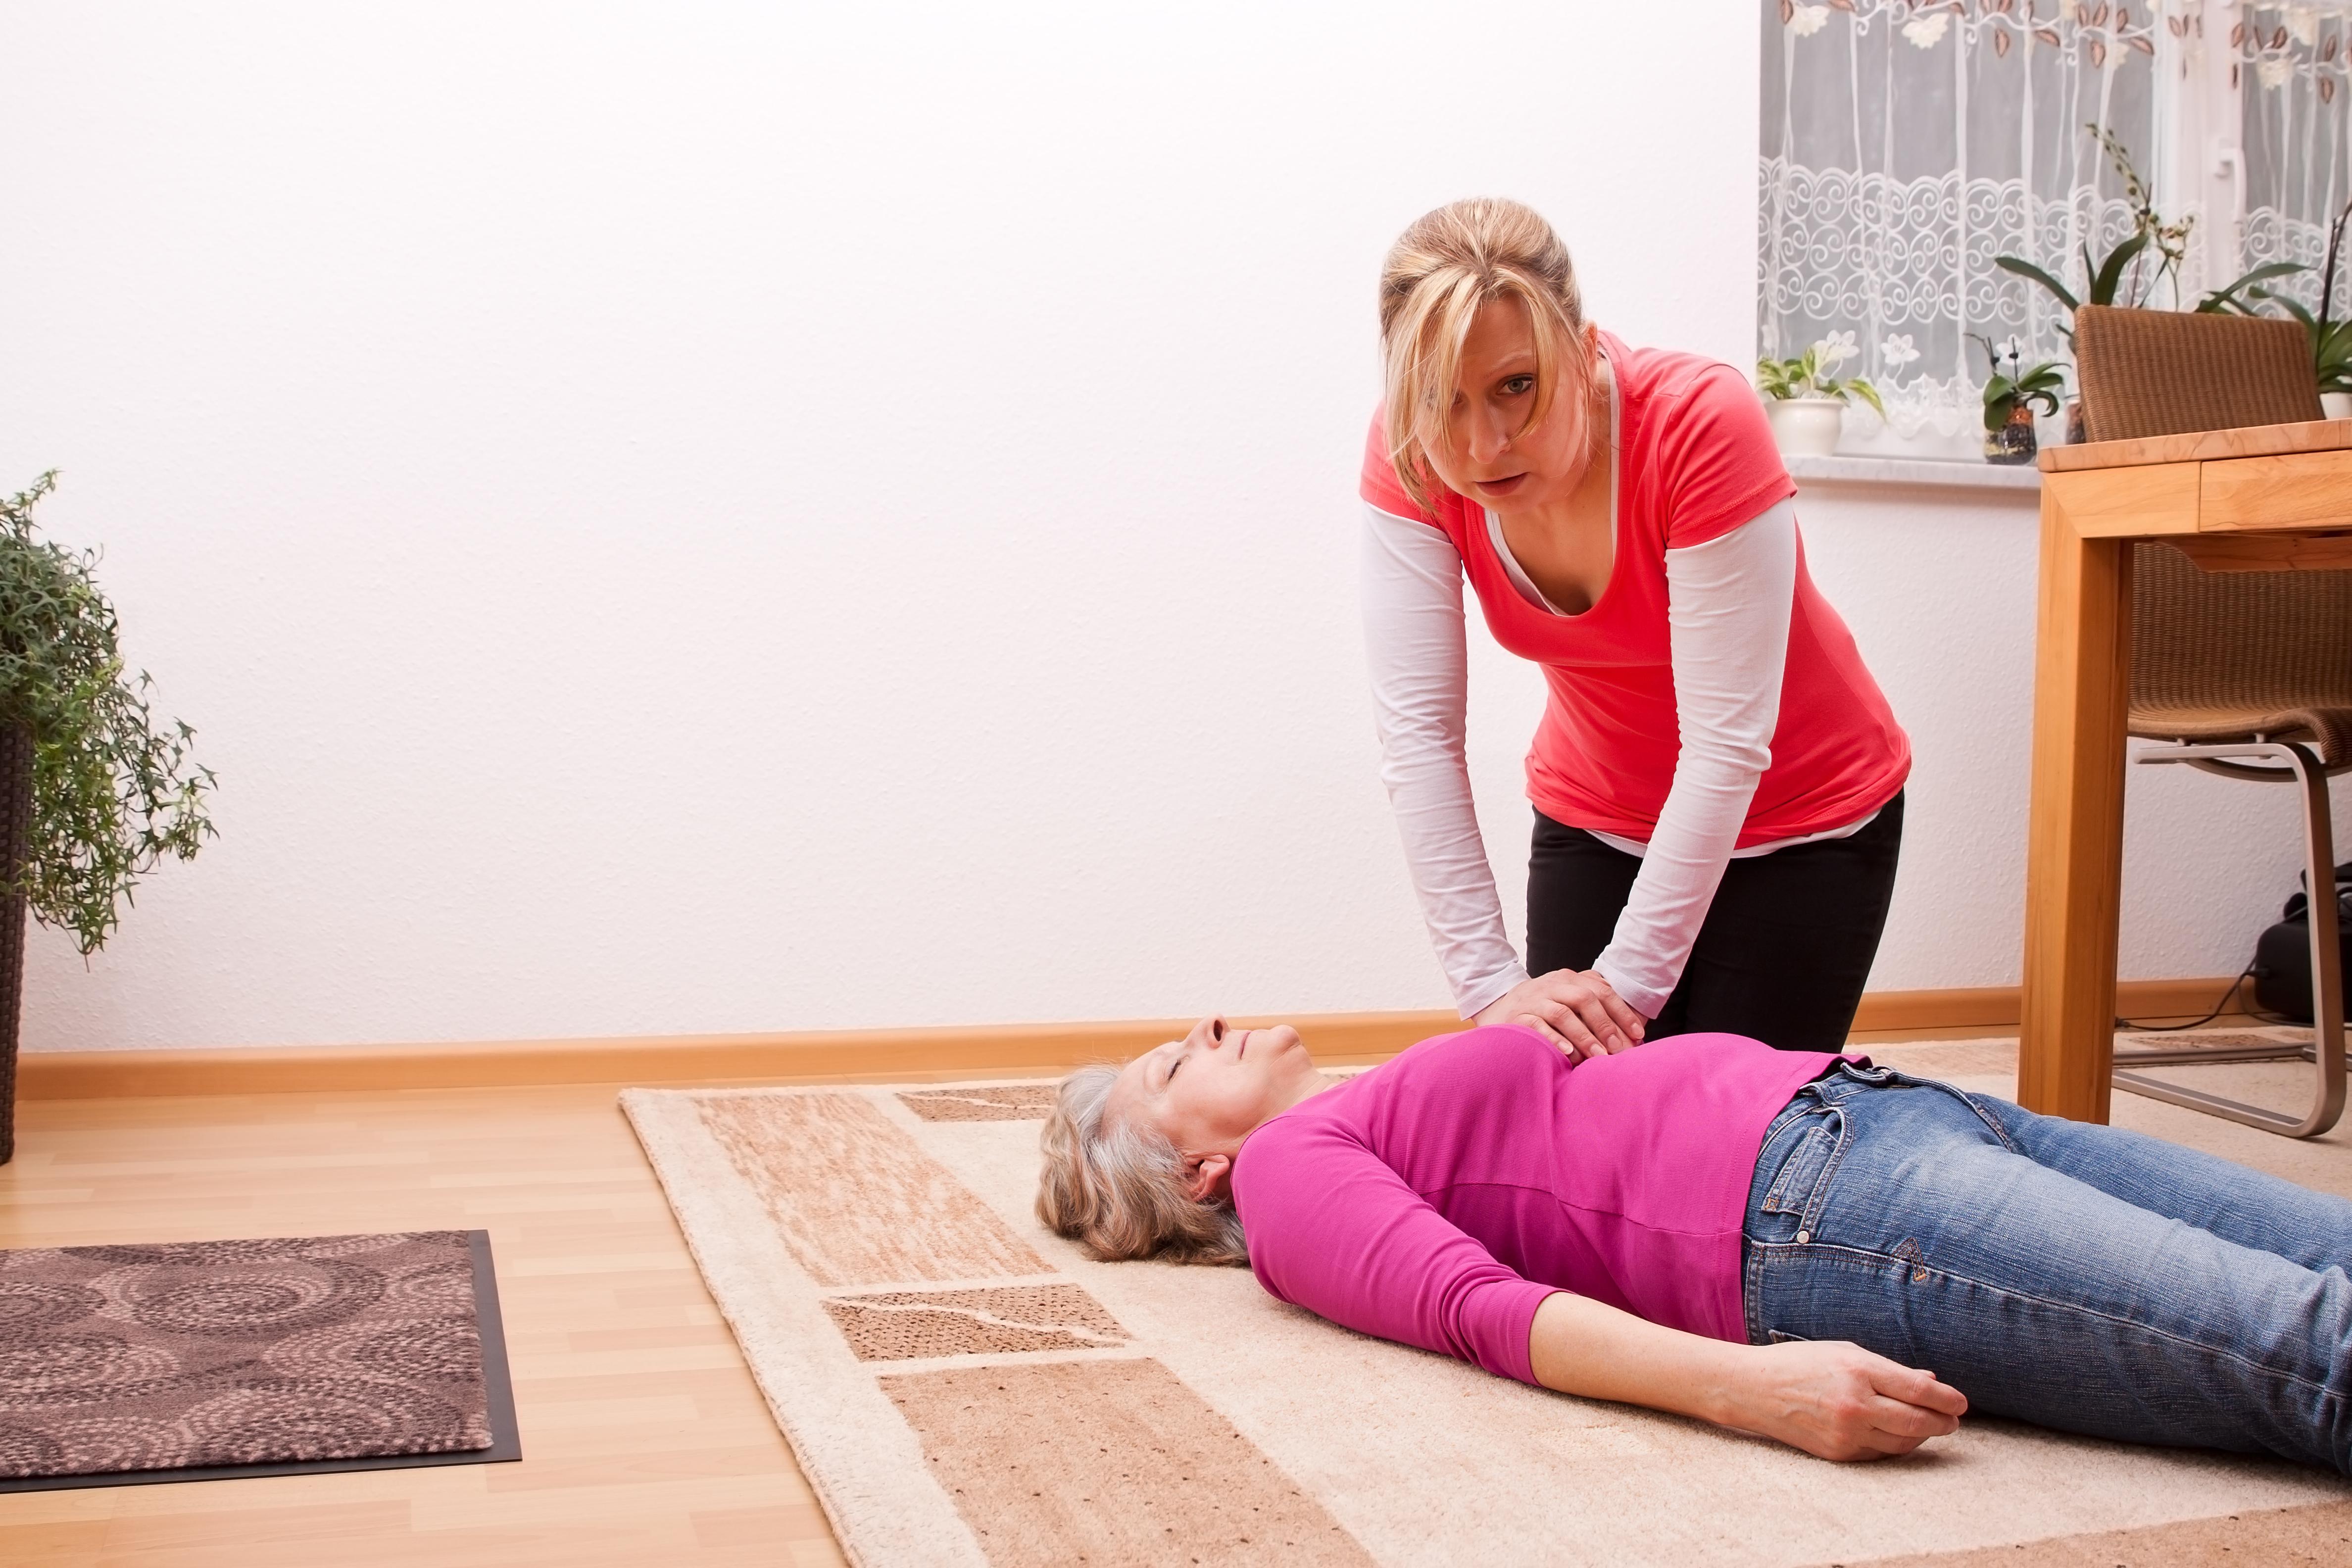 Mujeres reciben una peor atención tras un paro cardiaco